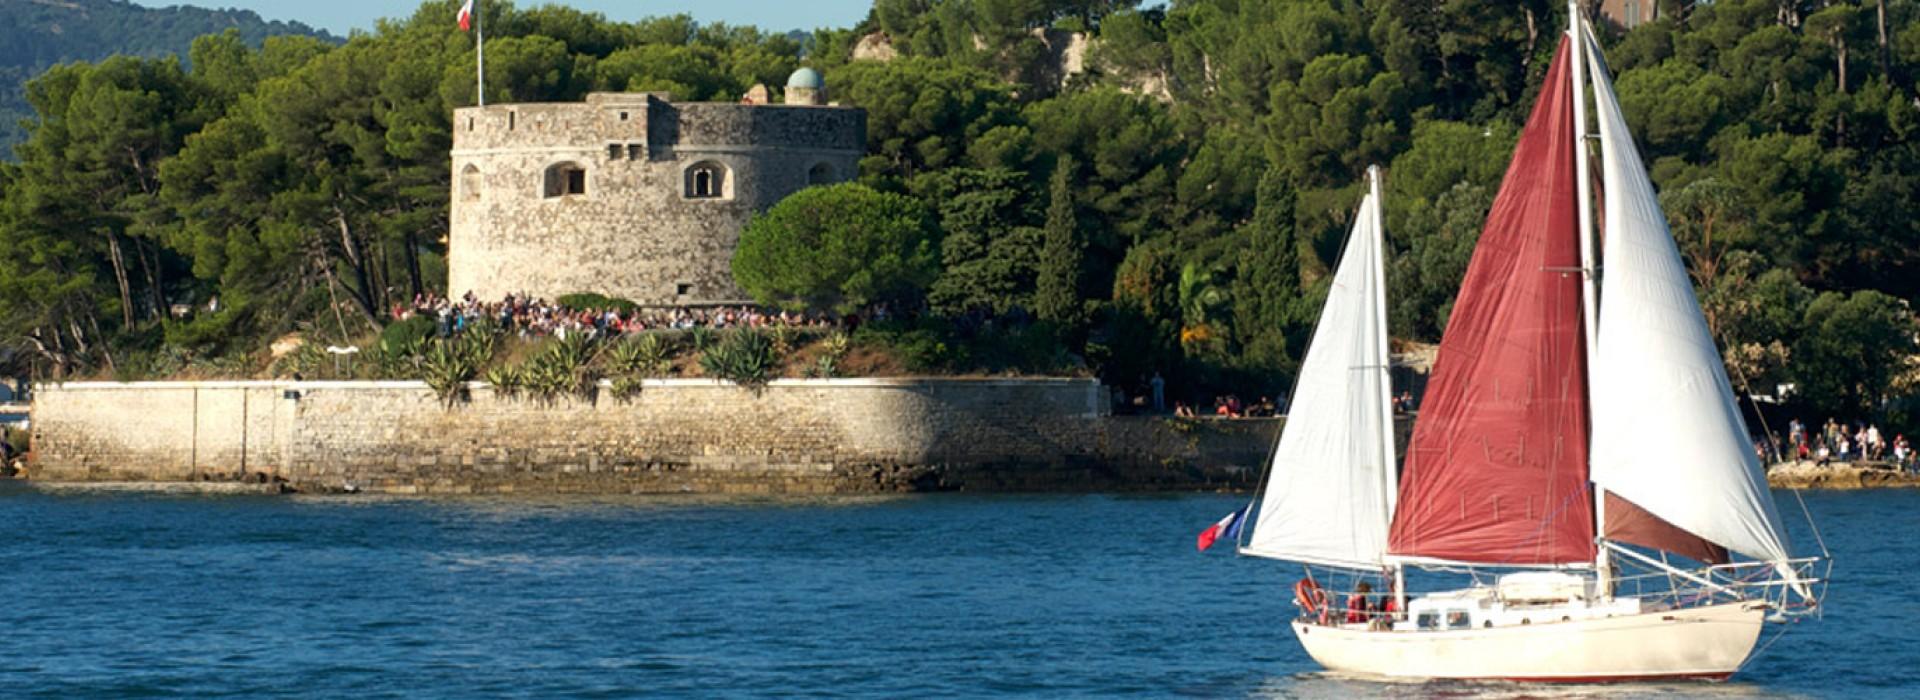 Rade de Toulon, Porquerolles, Port-Cros, croisières des 2 îles, Saint-Tropez